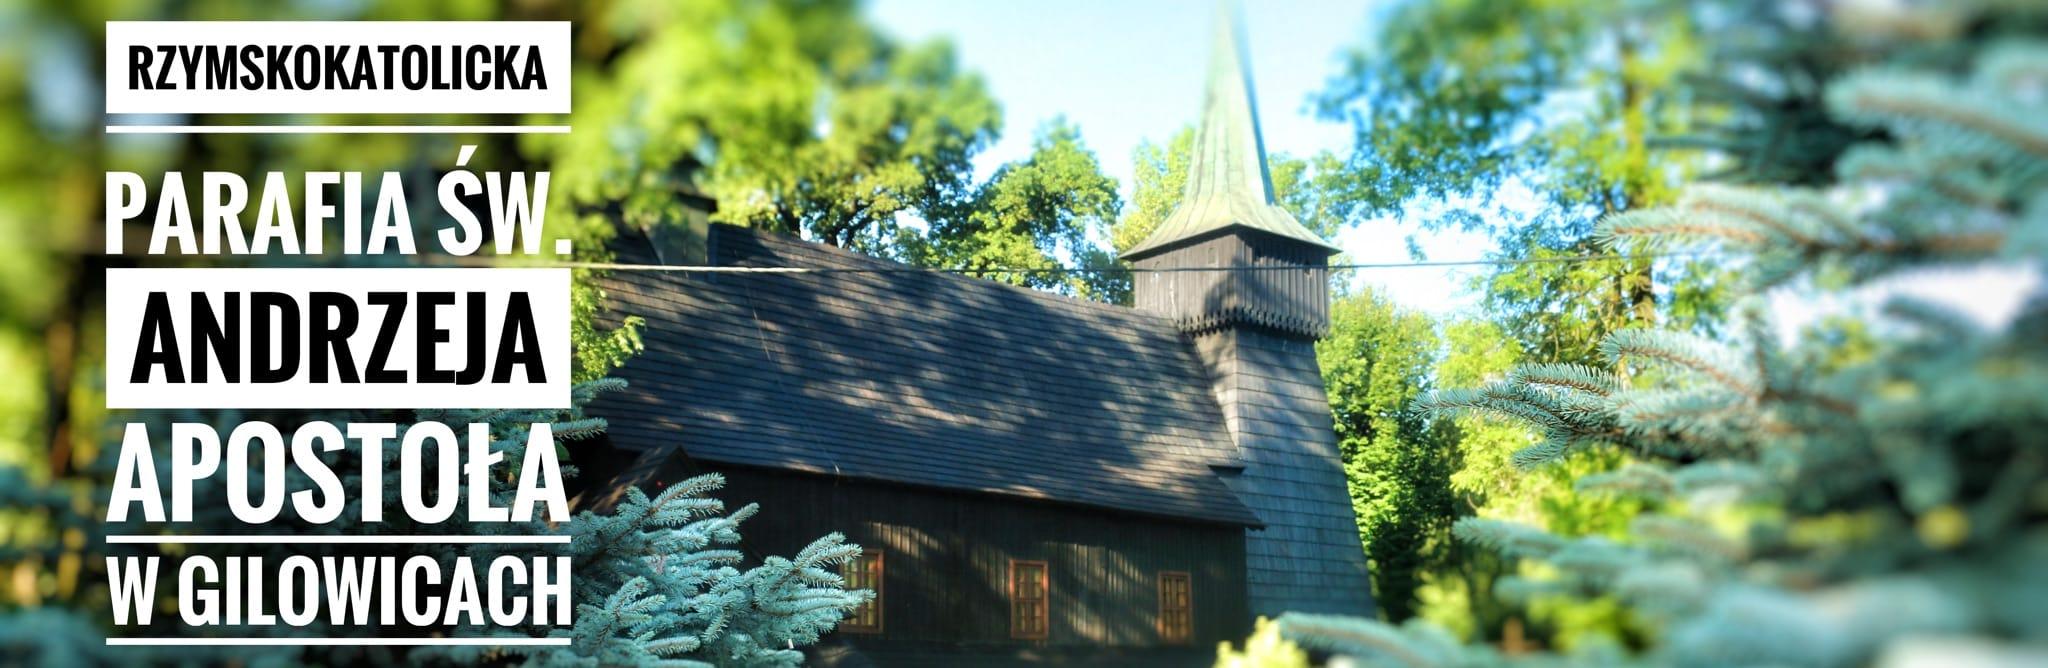 Rzymskokatolicka Parafia św. Andrzeja w Gilowicach